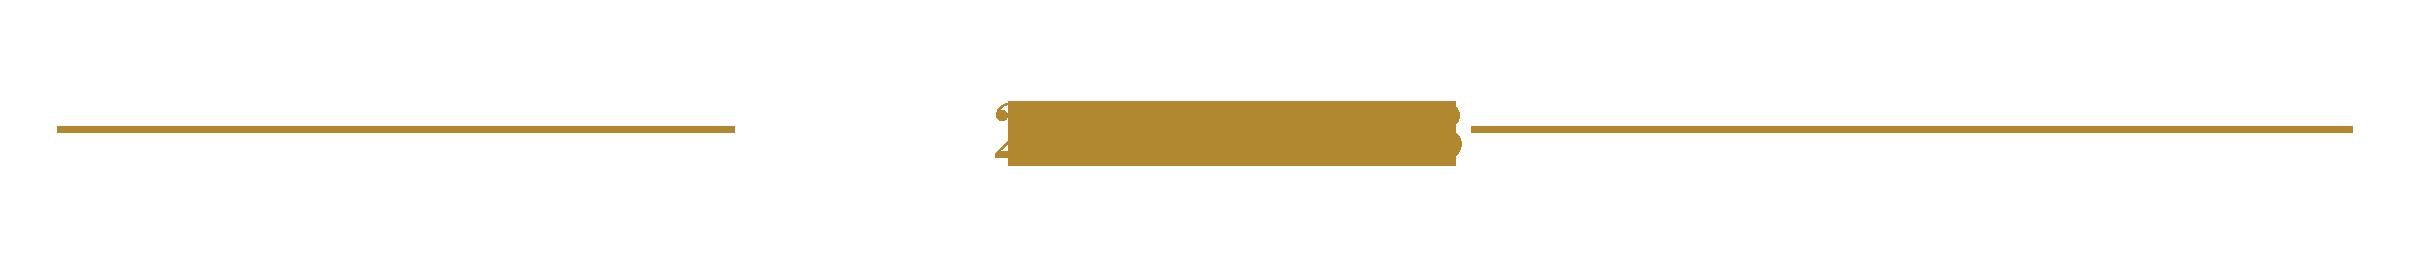 22-JUIN